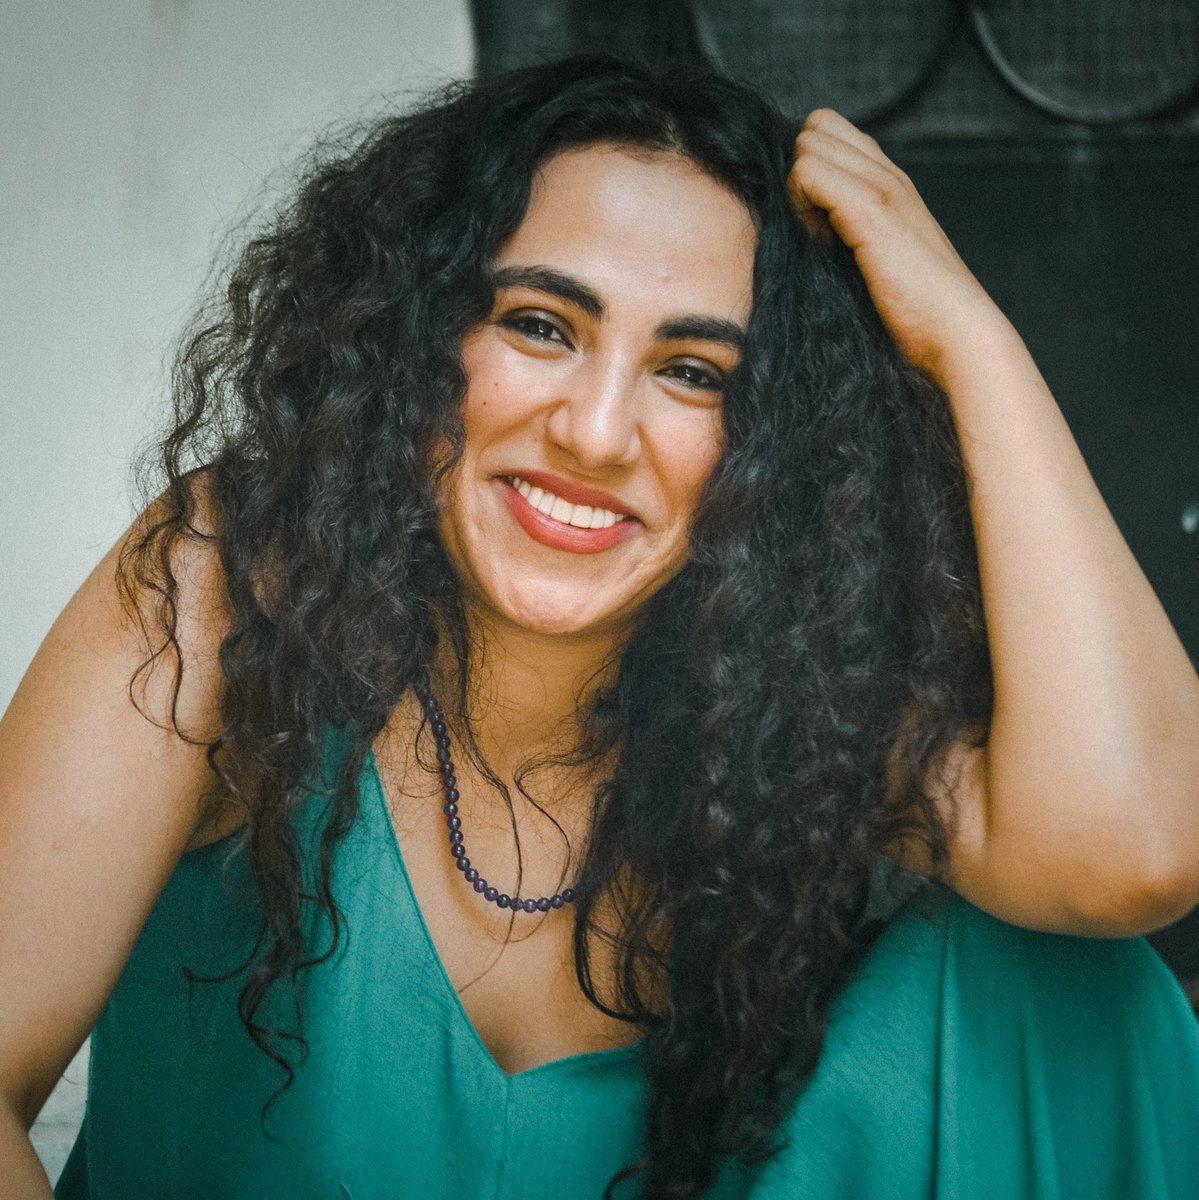 زينب غريب تعلن إصابتها بفيروس كورونا بعد عودتها من الجونة – موقع اليوم  الإخباري